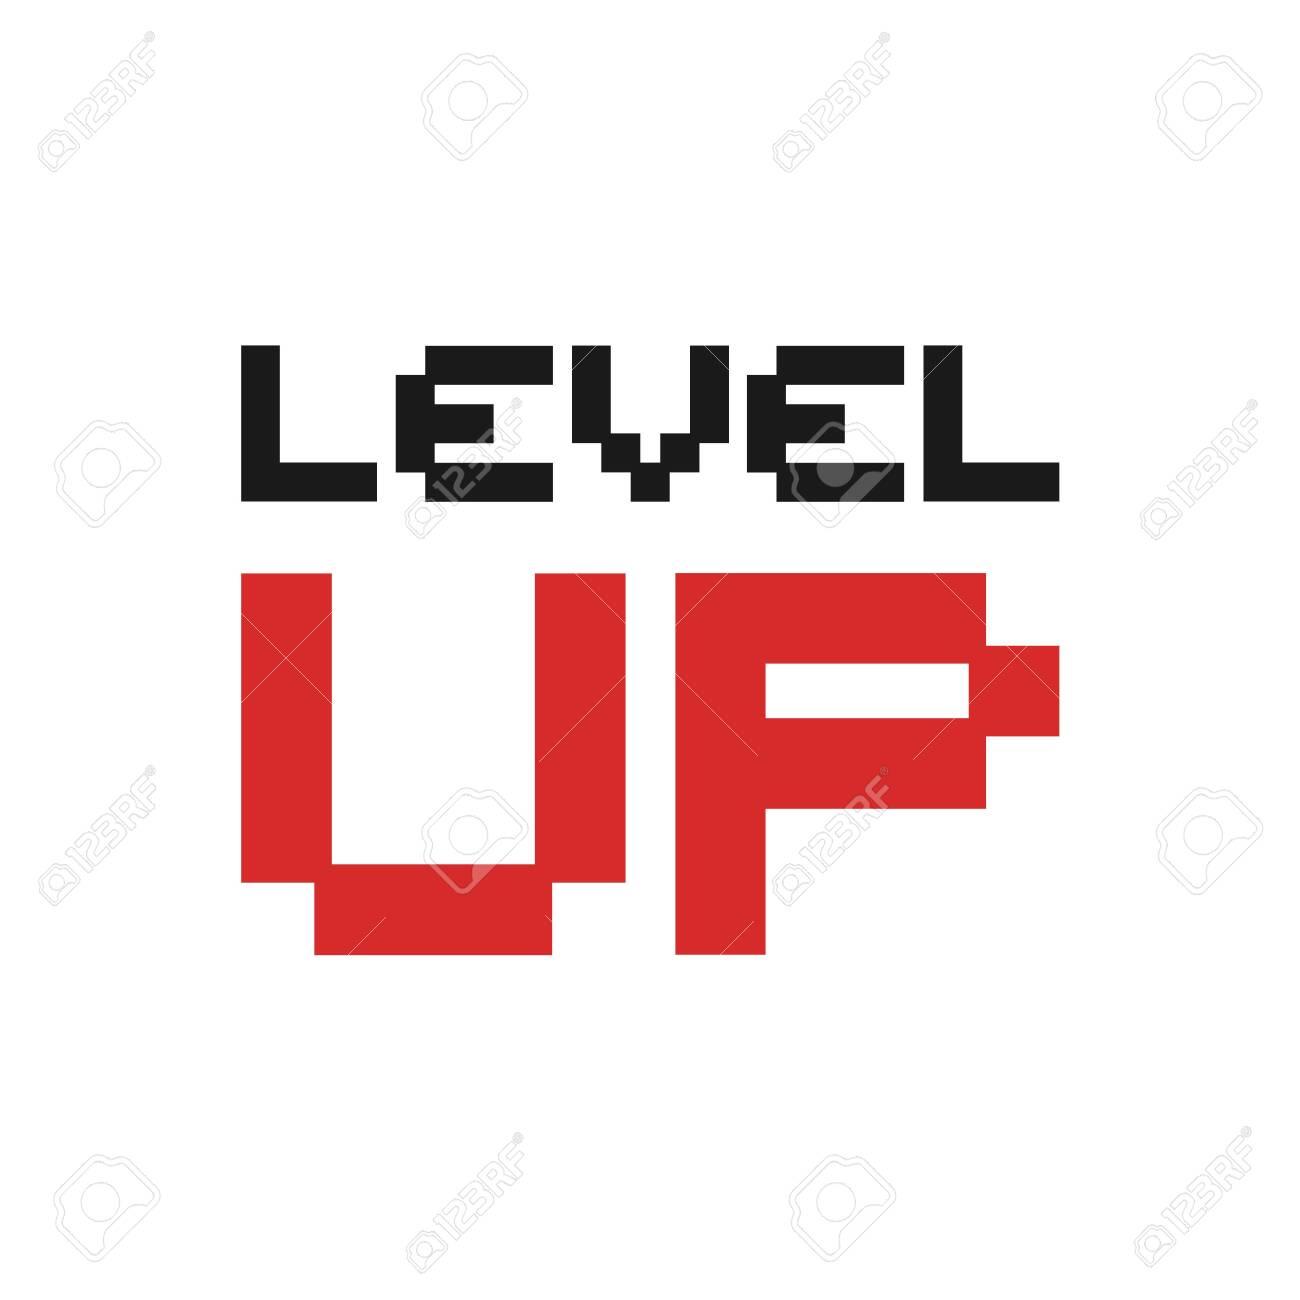 Level up icon - 131518783